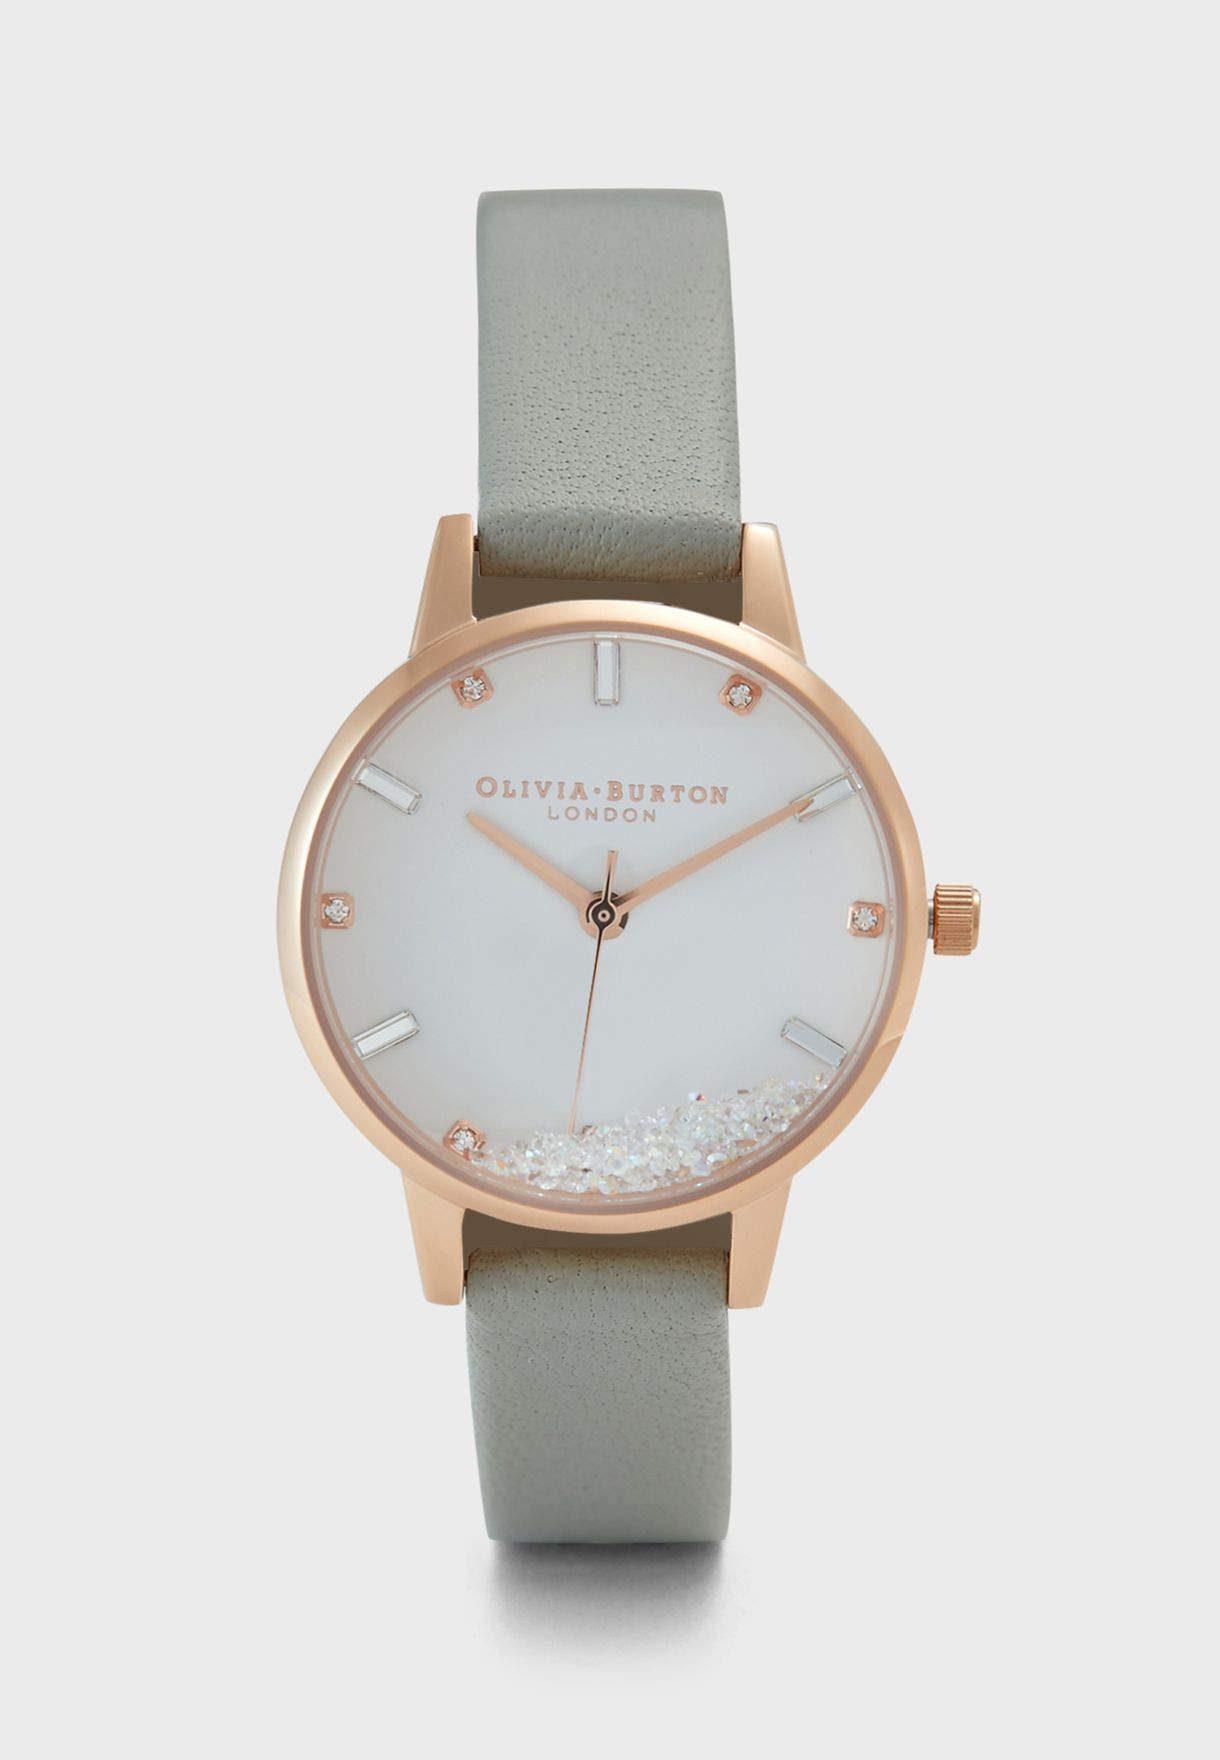 ساعة بكريستال سواروفسكي